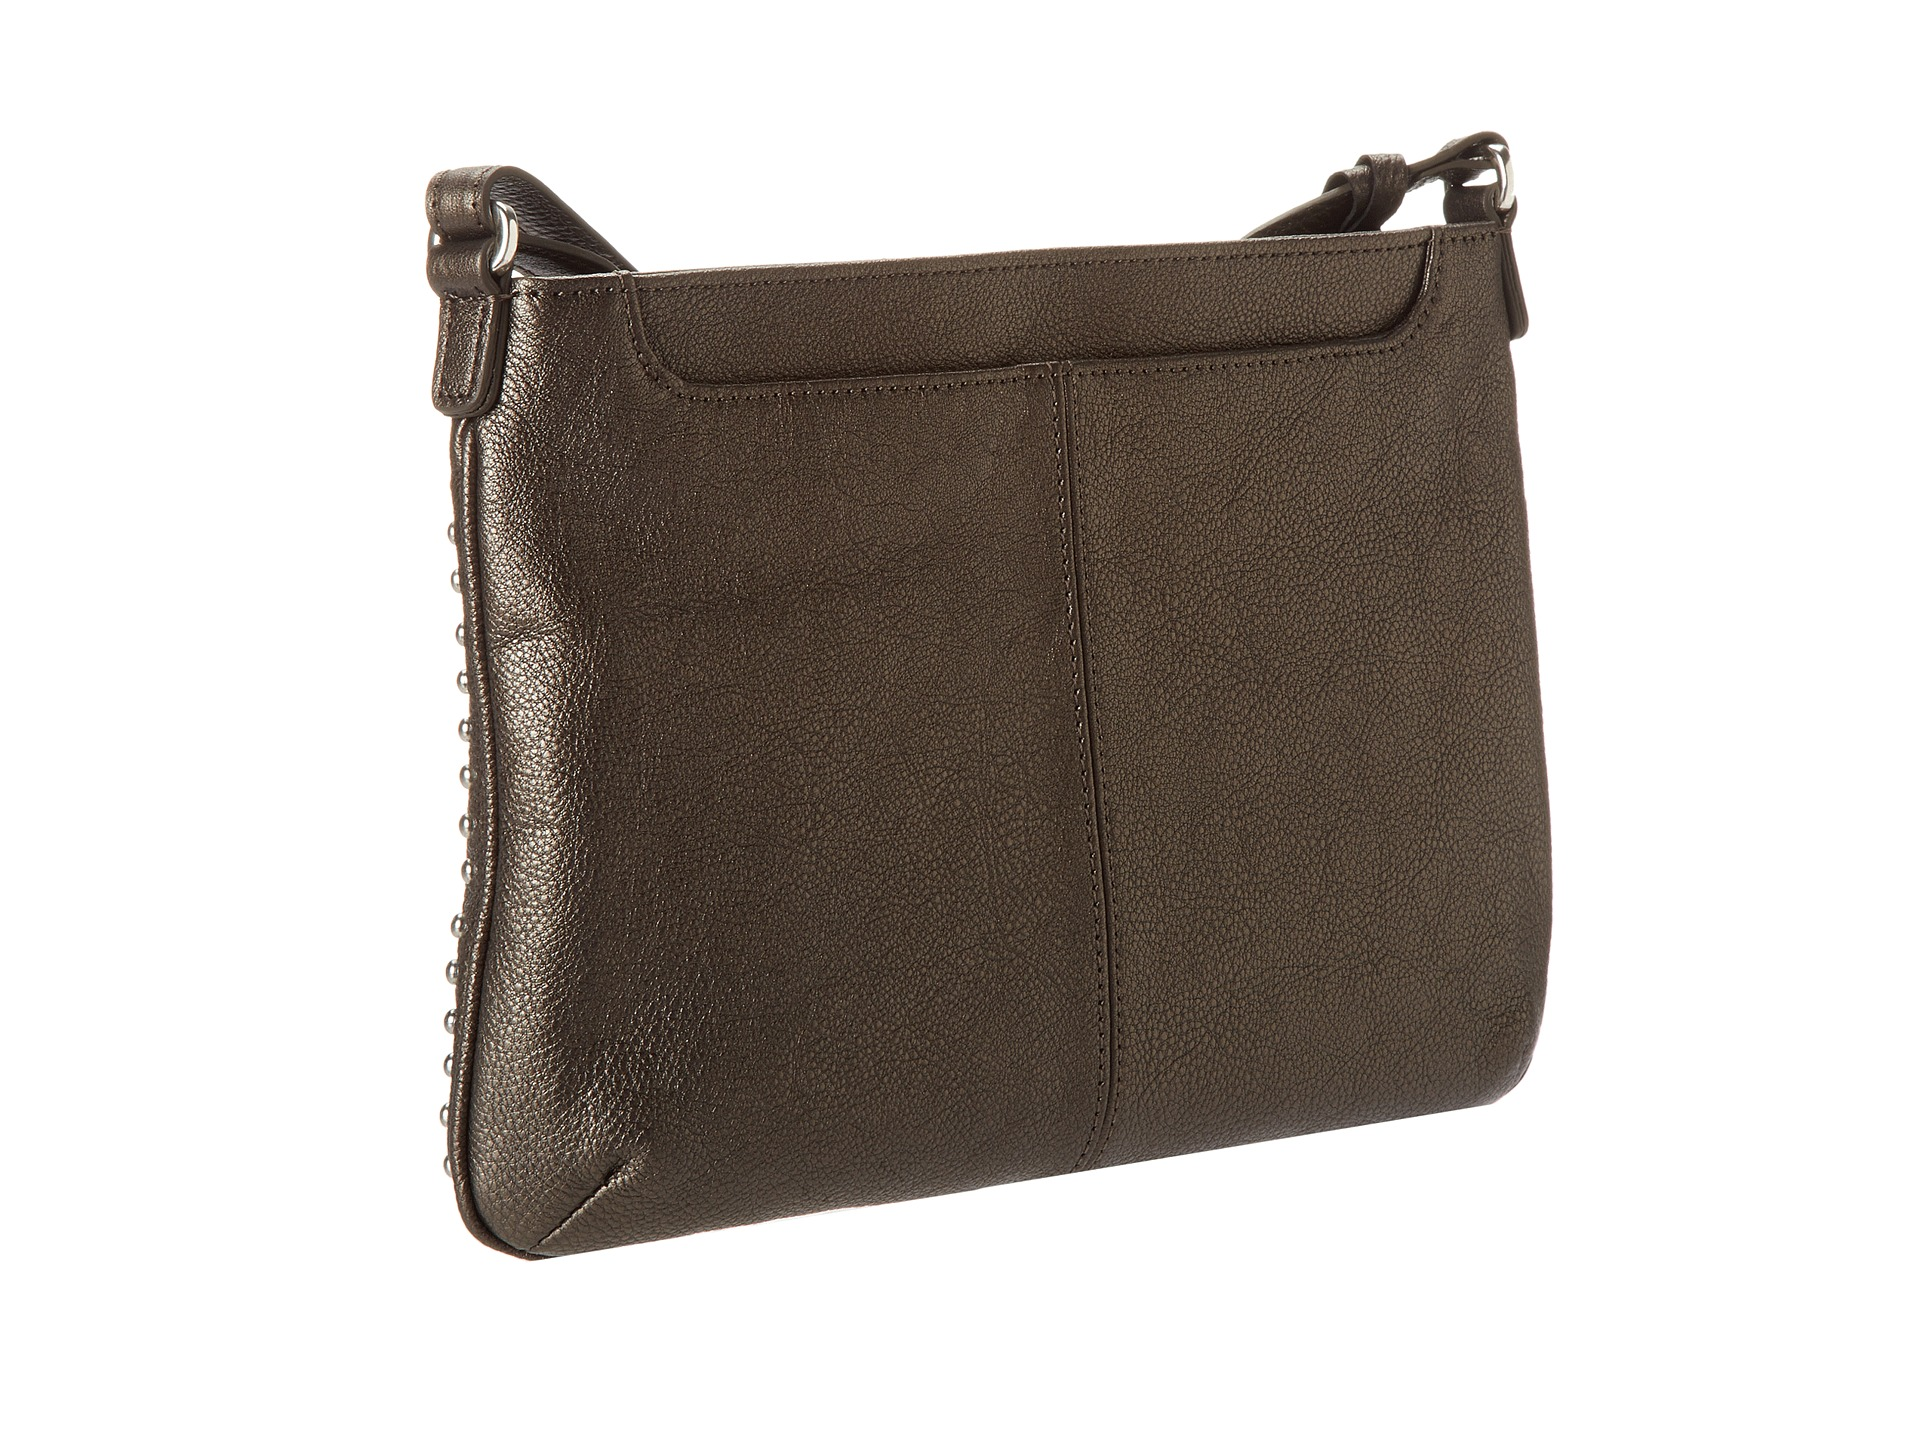 where are brighton purses made